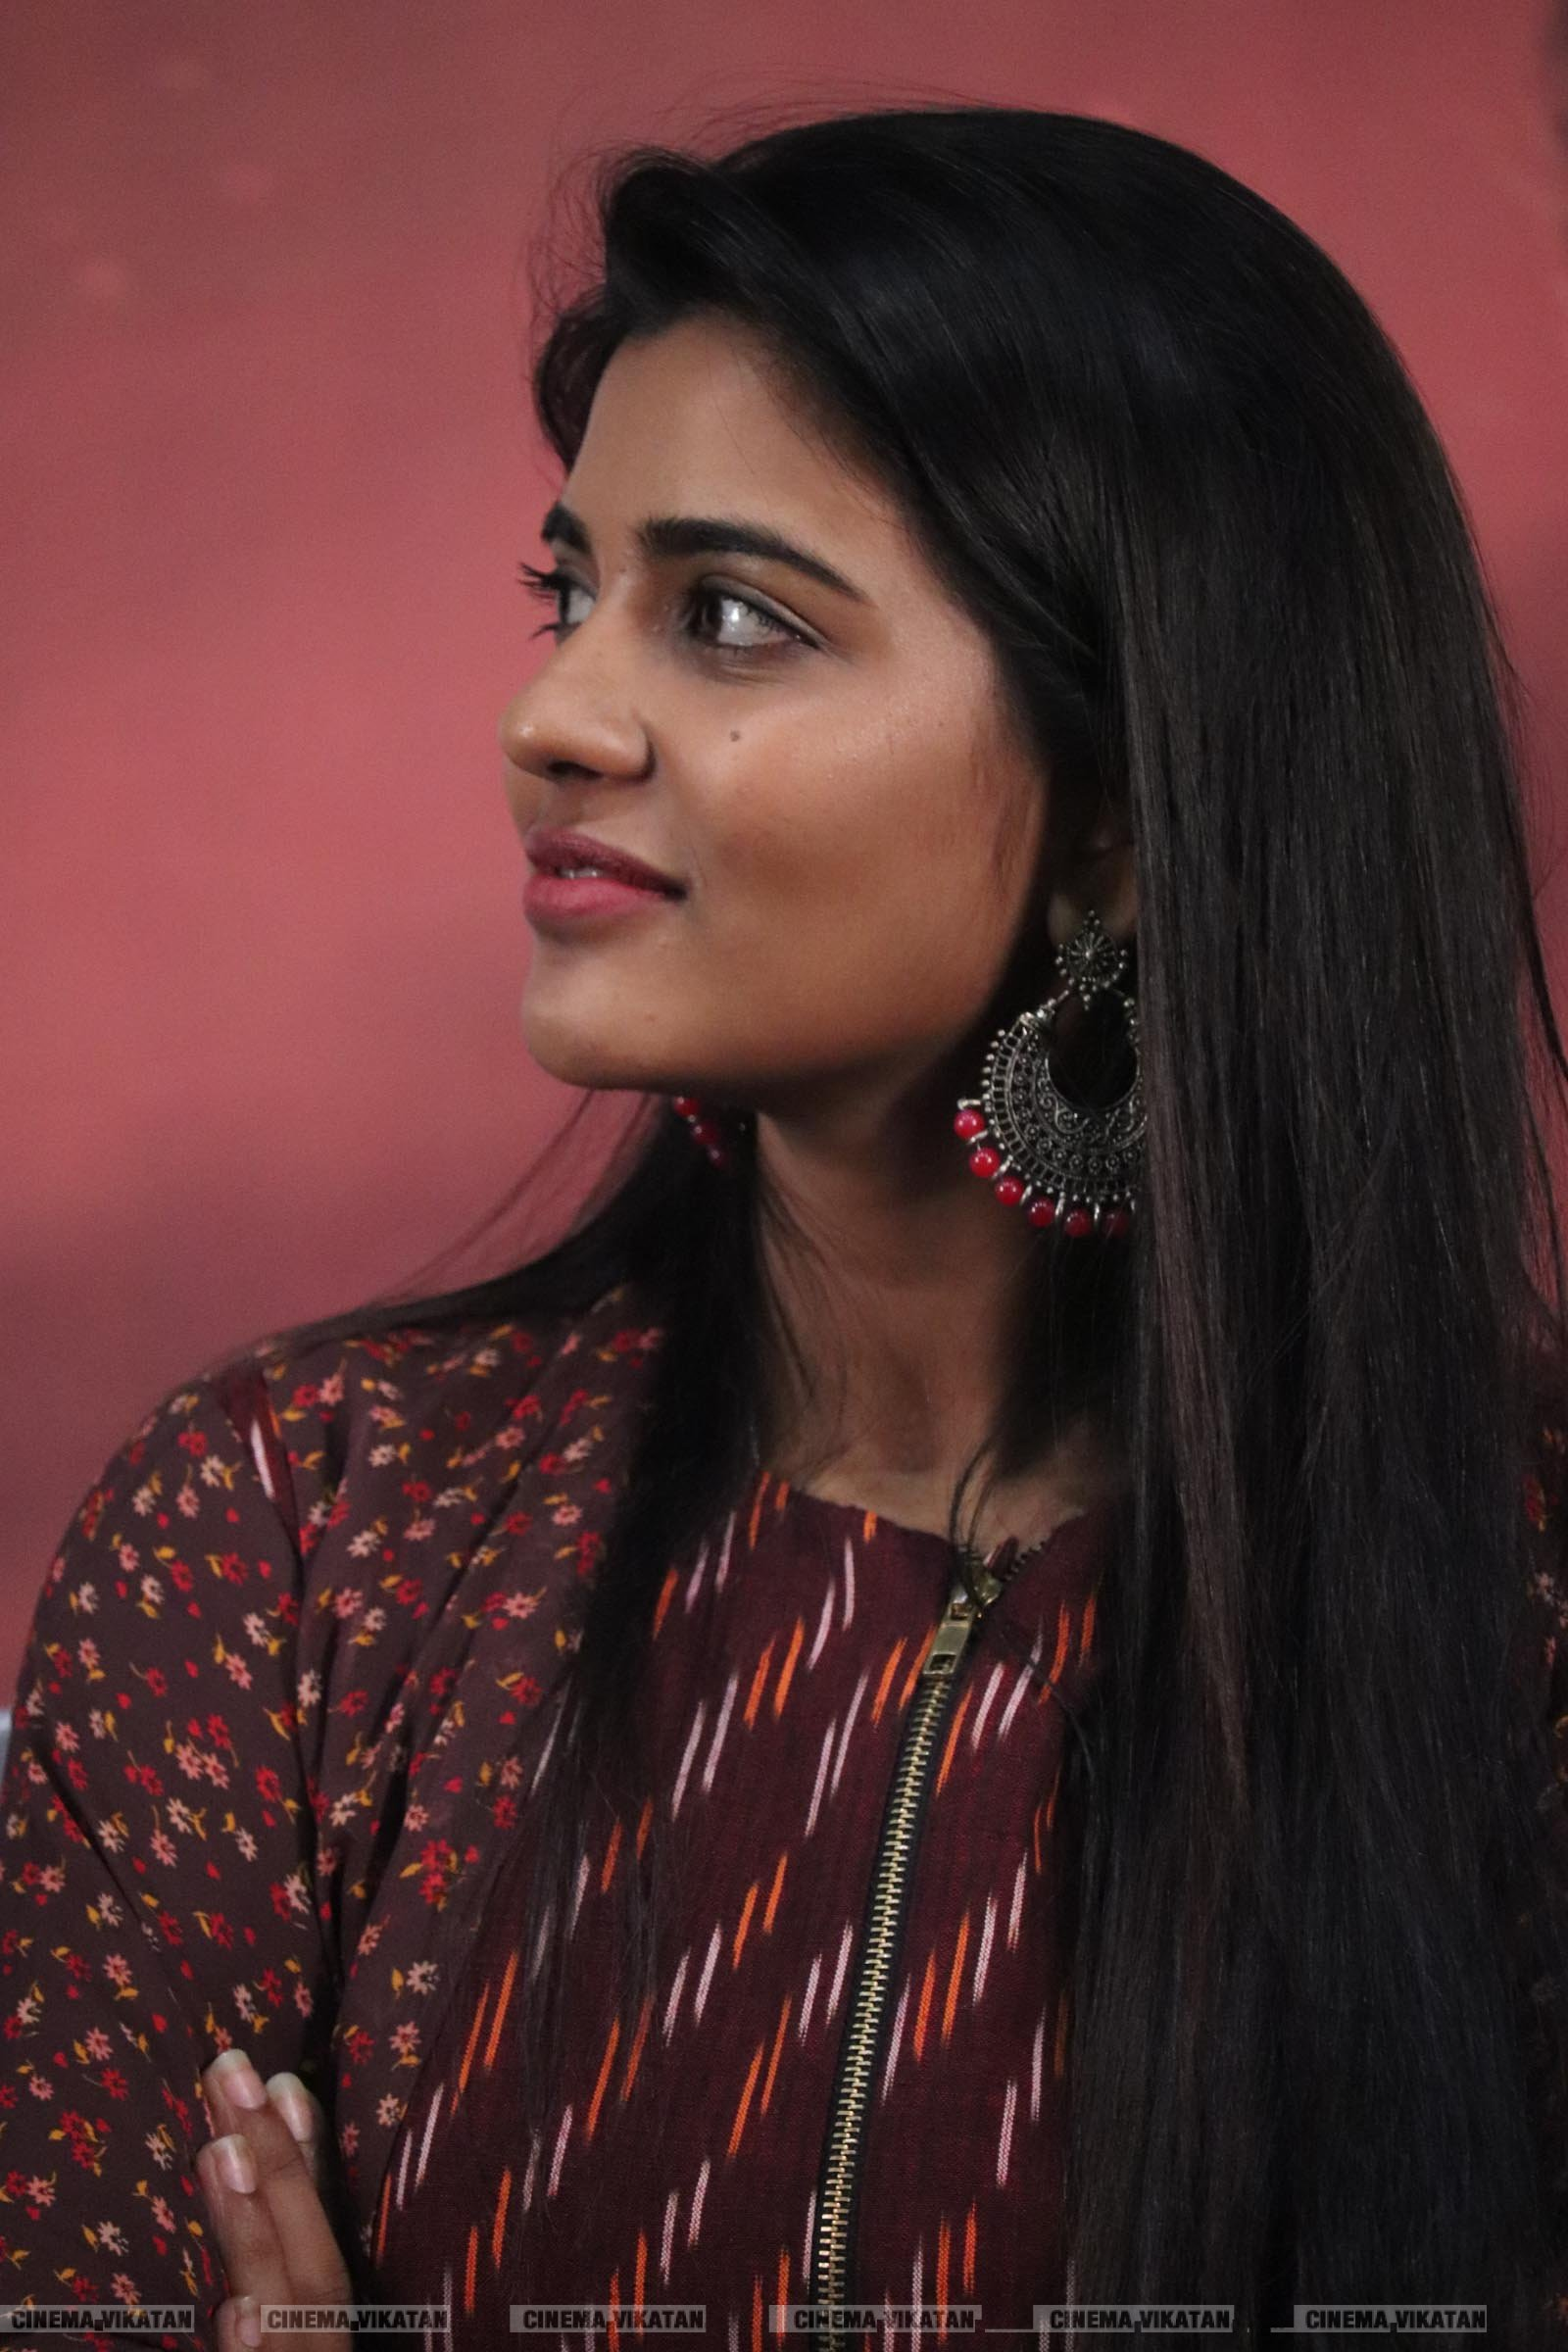 ஐஸ்வர்யா ராஜேஷ் 'கனா' பட நிகழ்ச்சியில்... படங்கள்:  ராகேஷ் பெ